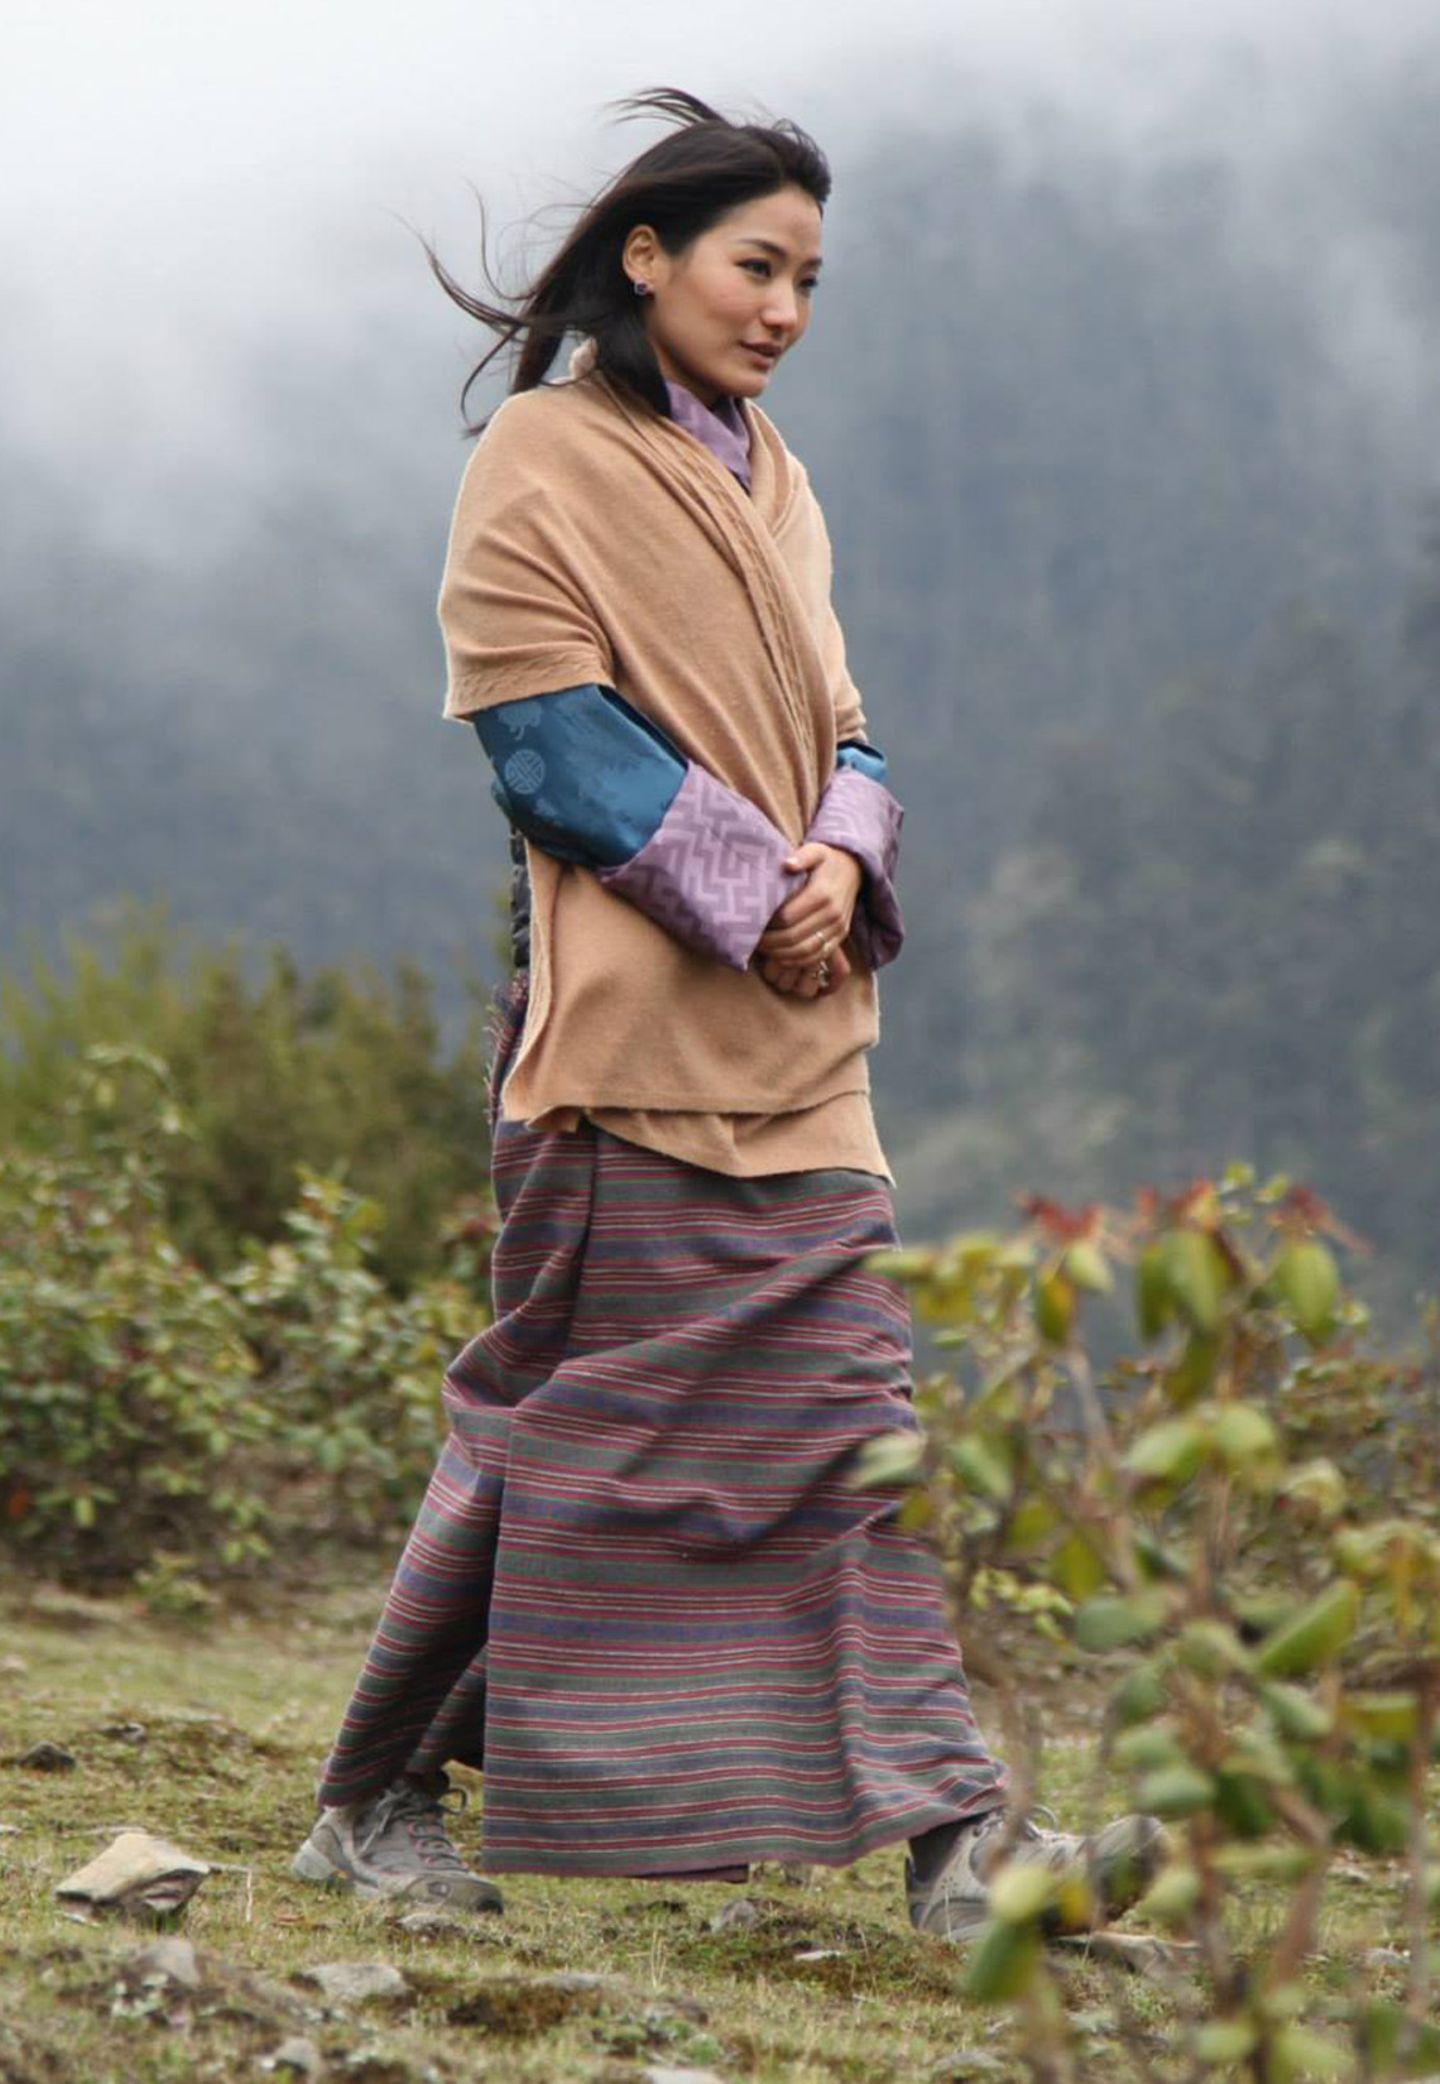 25. Mai 2015: Ein wunderschönes und naturverbundenes Foto: Königin Jetsun zeigt sich bei einer Wanderung in gedeckten Farben.